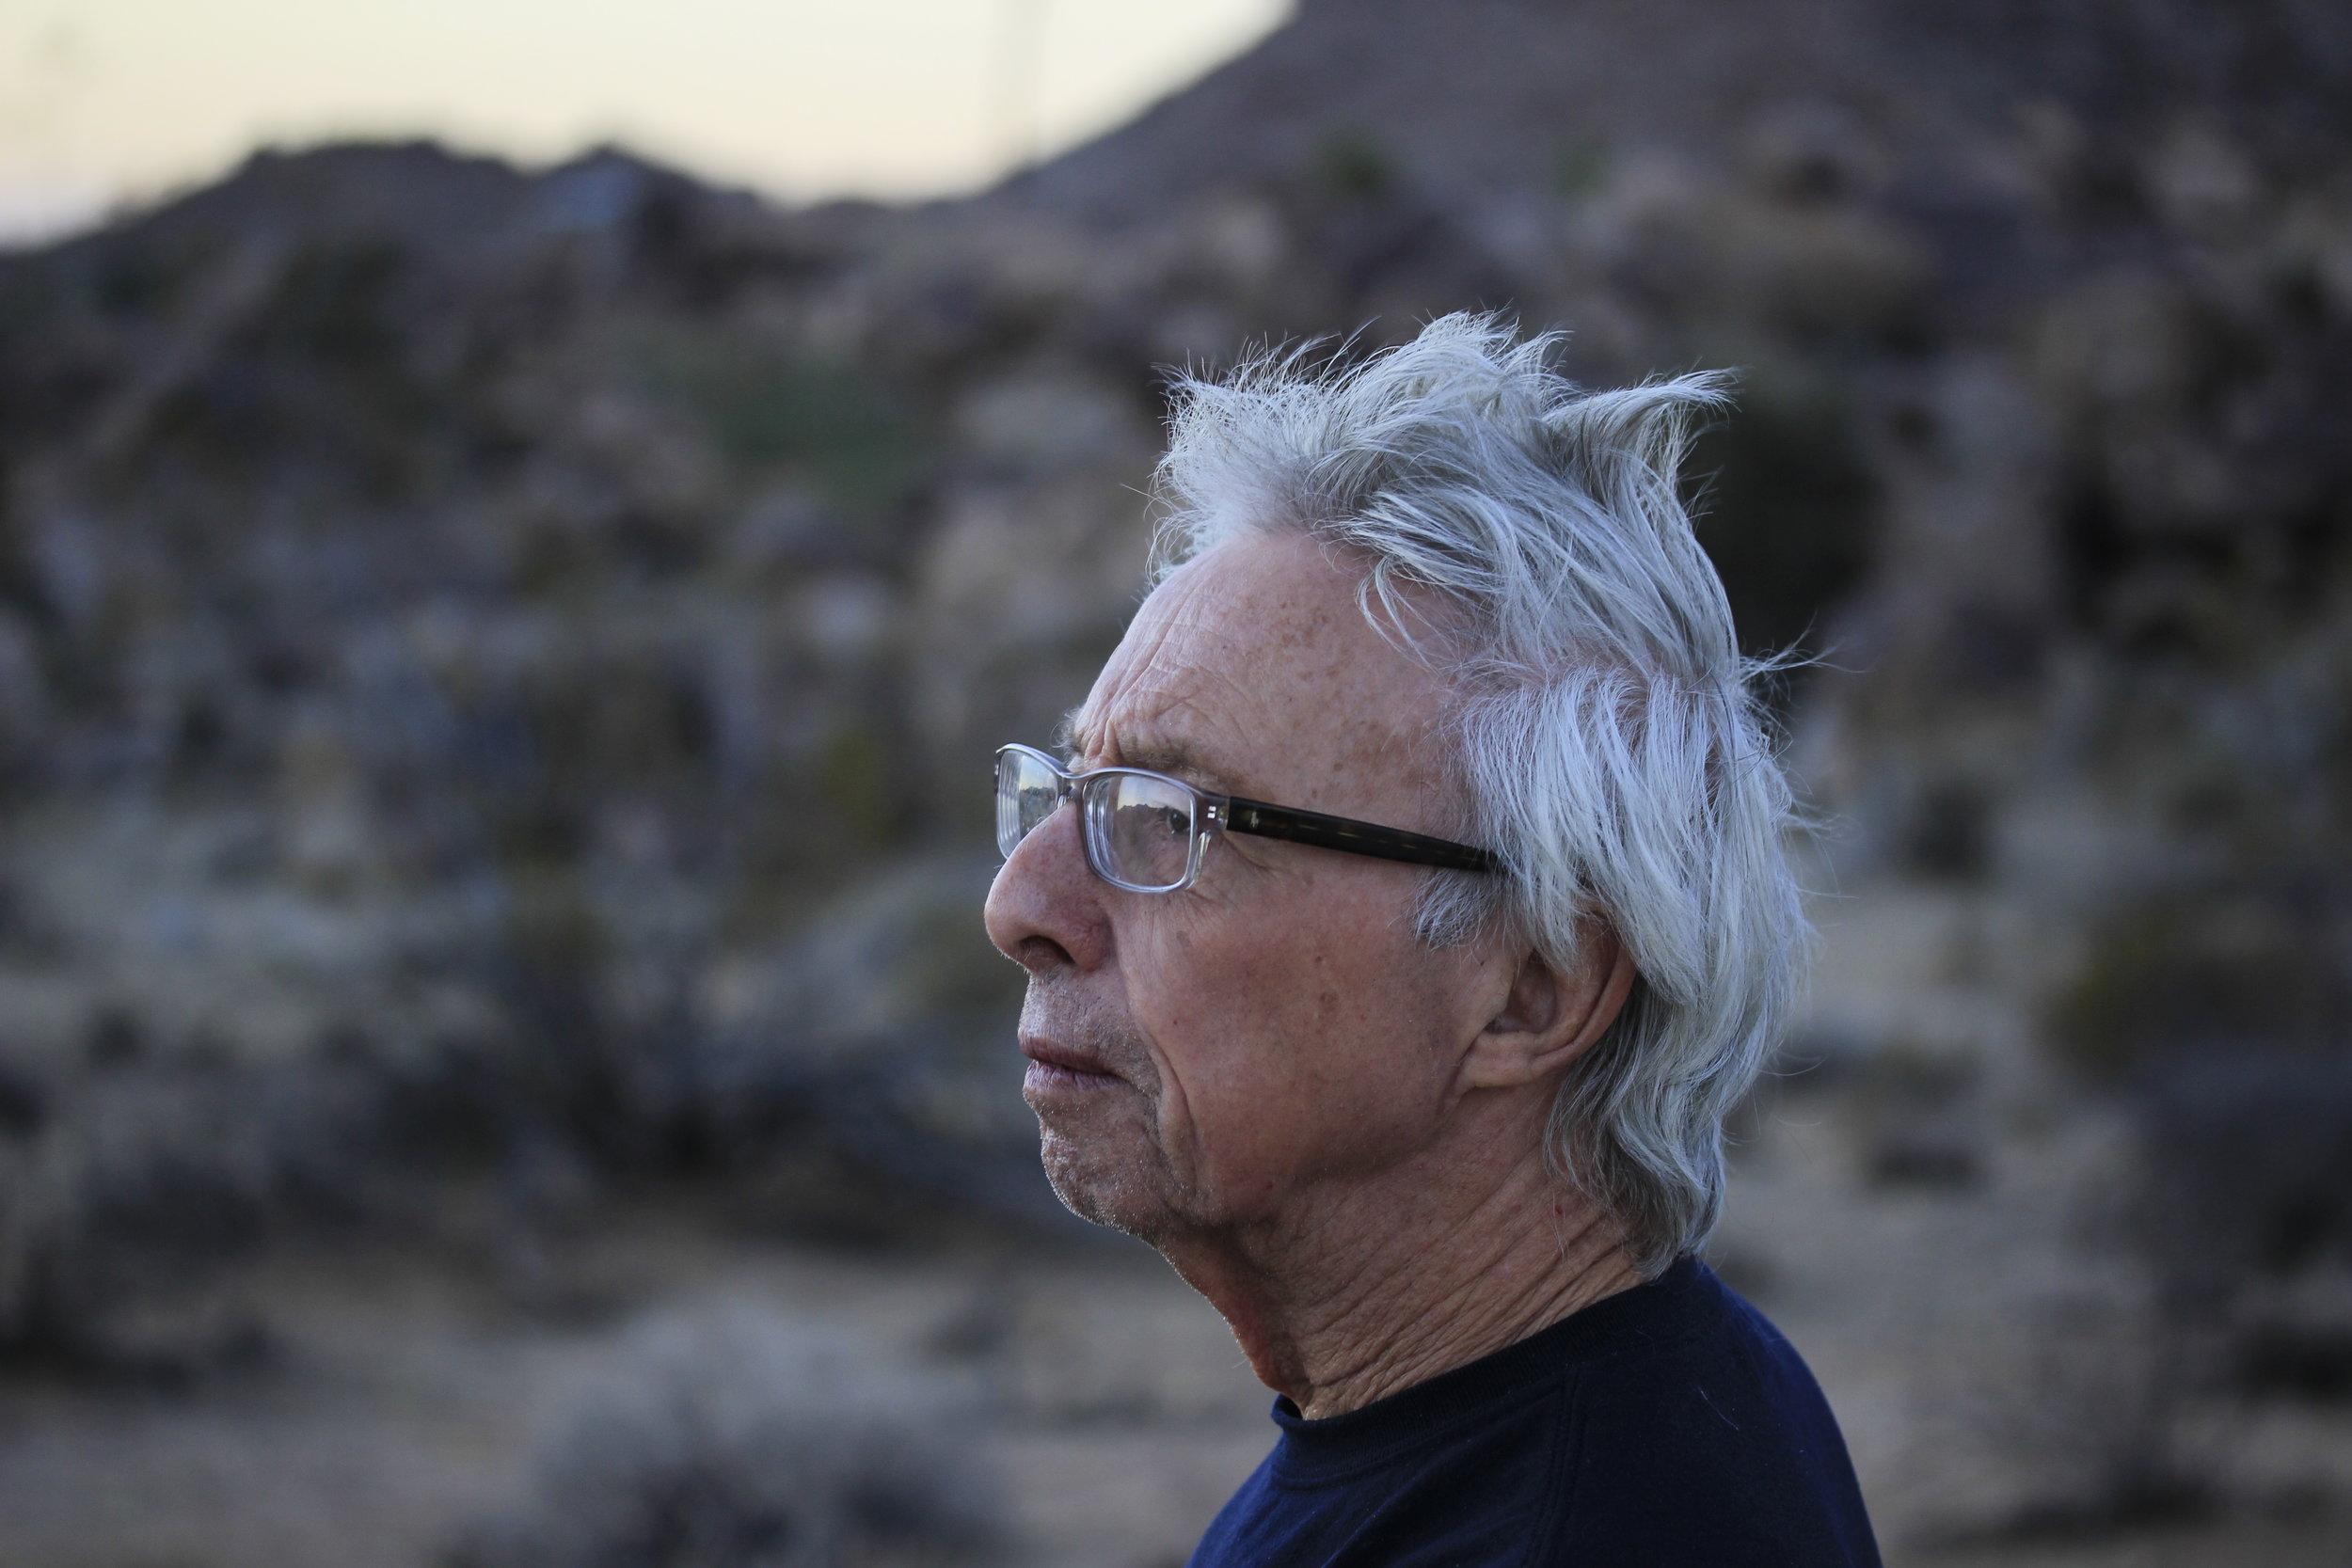 Photo of Harold Budd by Matthew Budd.